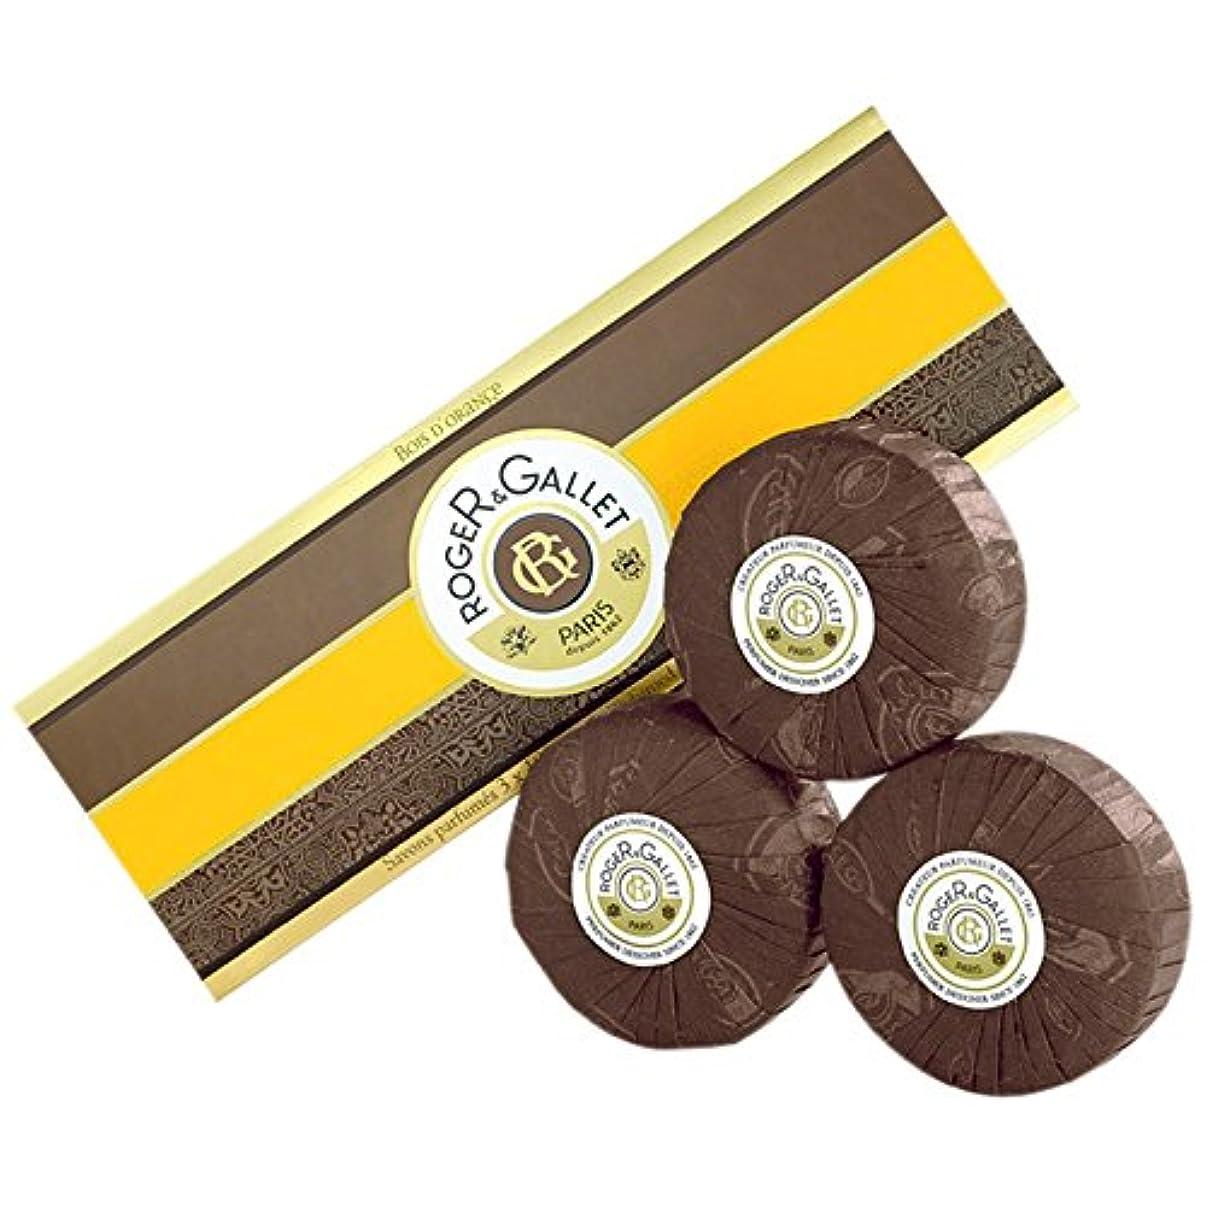 生活温帯遠洋のロジャー&GalletのBoisのドールオレンジソープ3つのX 100グラム (Roger & Gallet) (x2) - Roger & Gallet Bois D'Orange Soap 3 x 100g (Pack of 2) [並行輸入品]